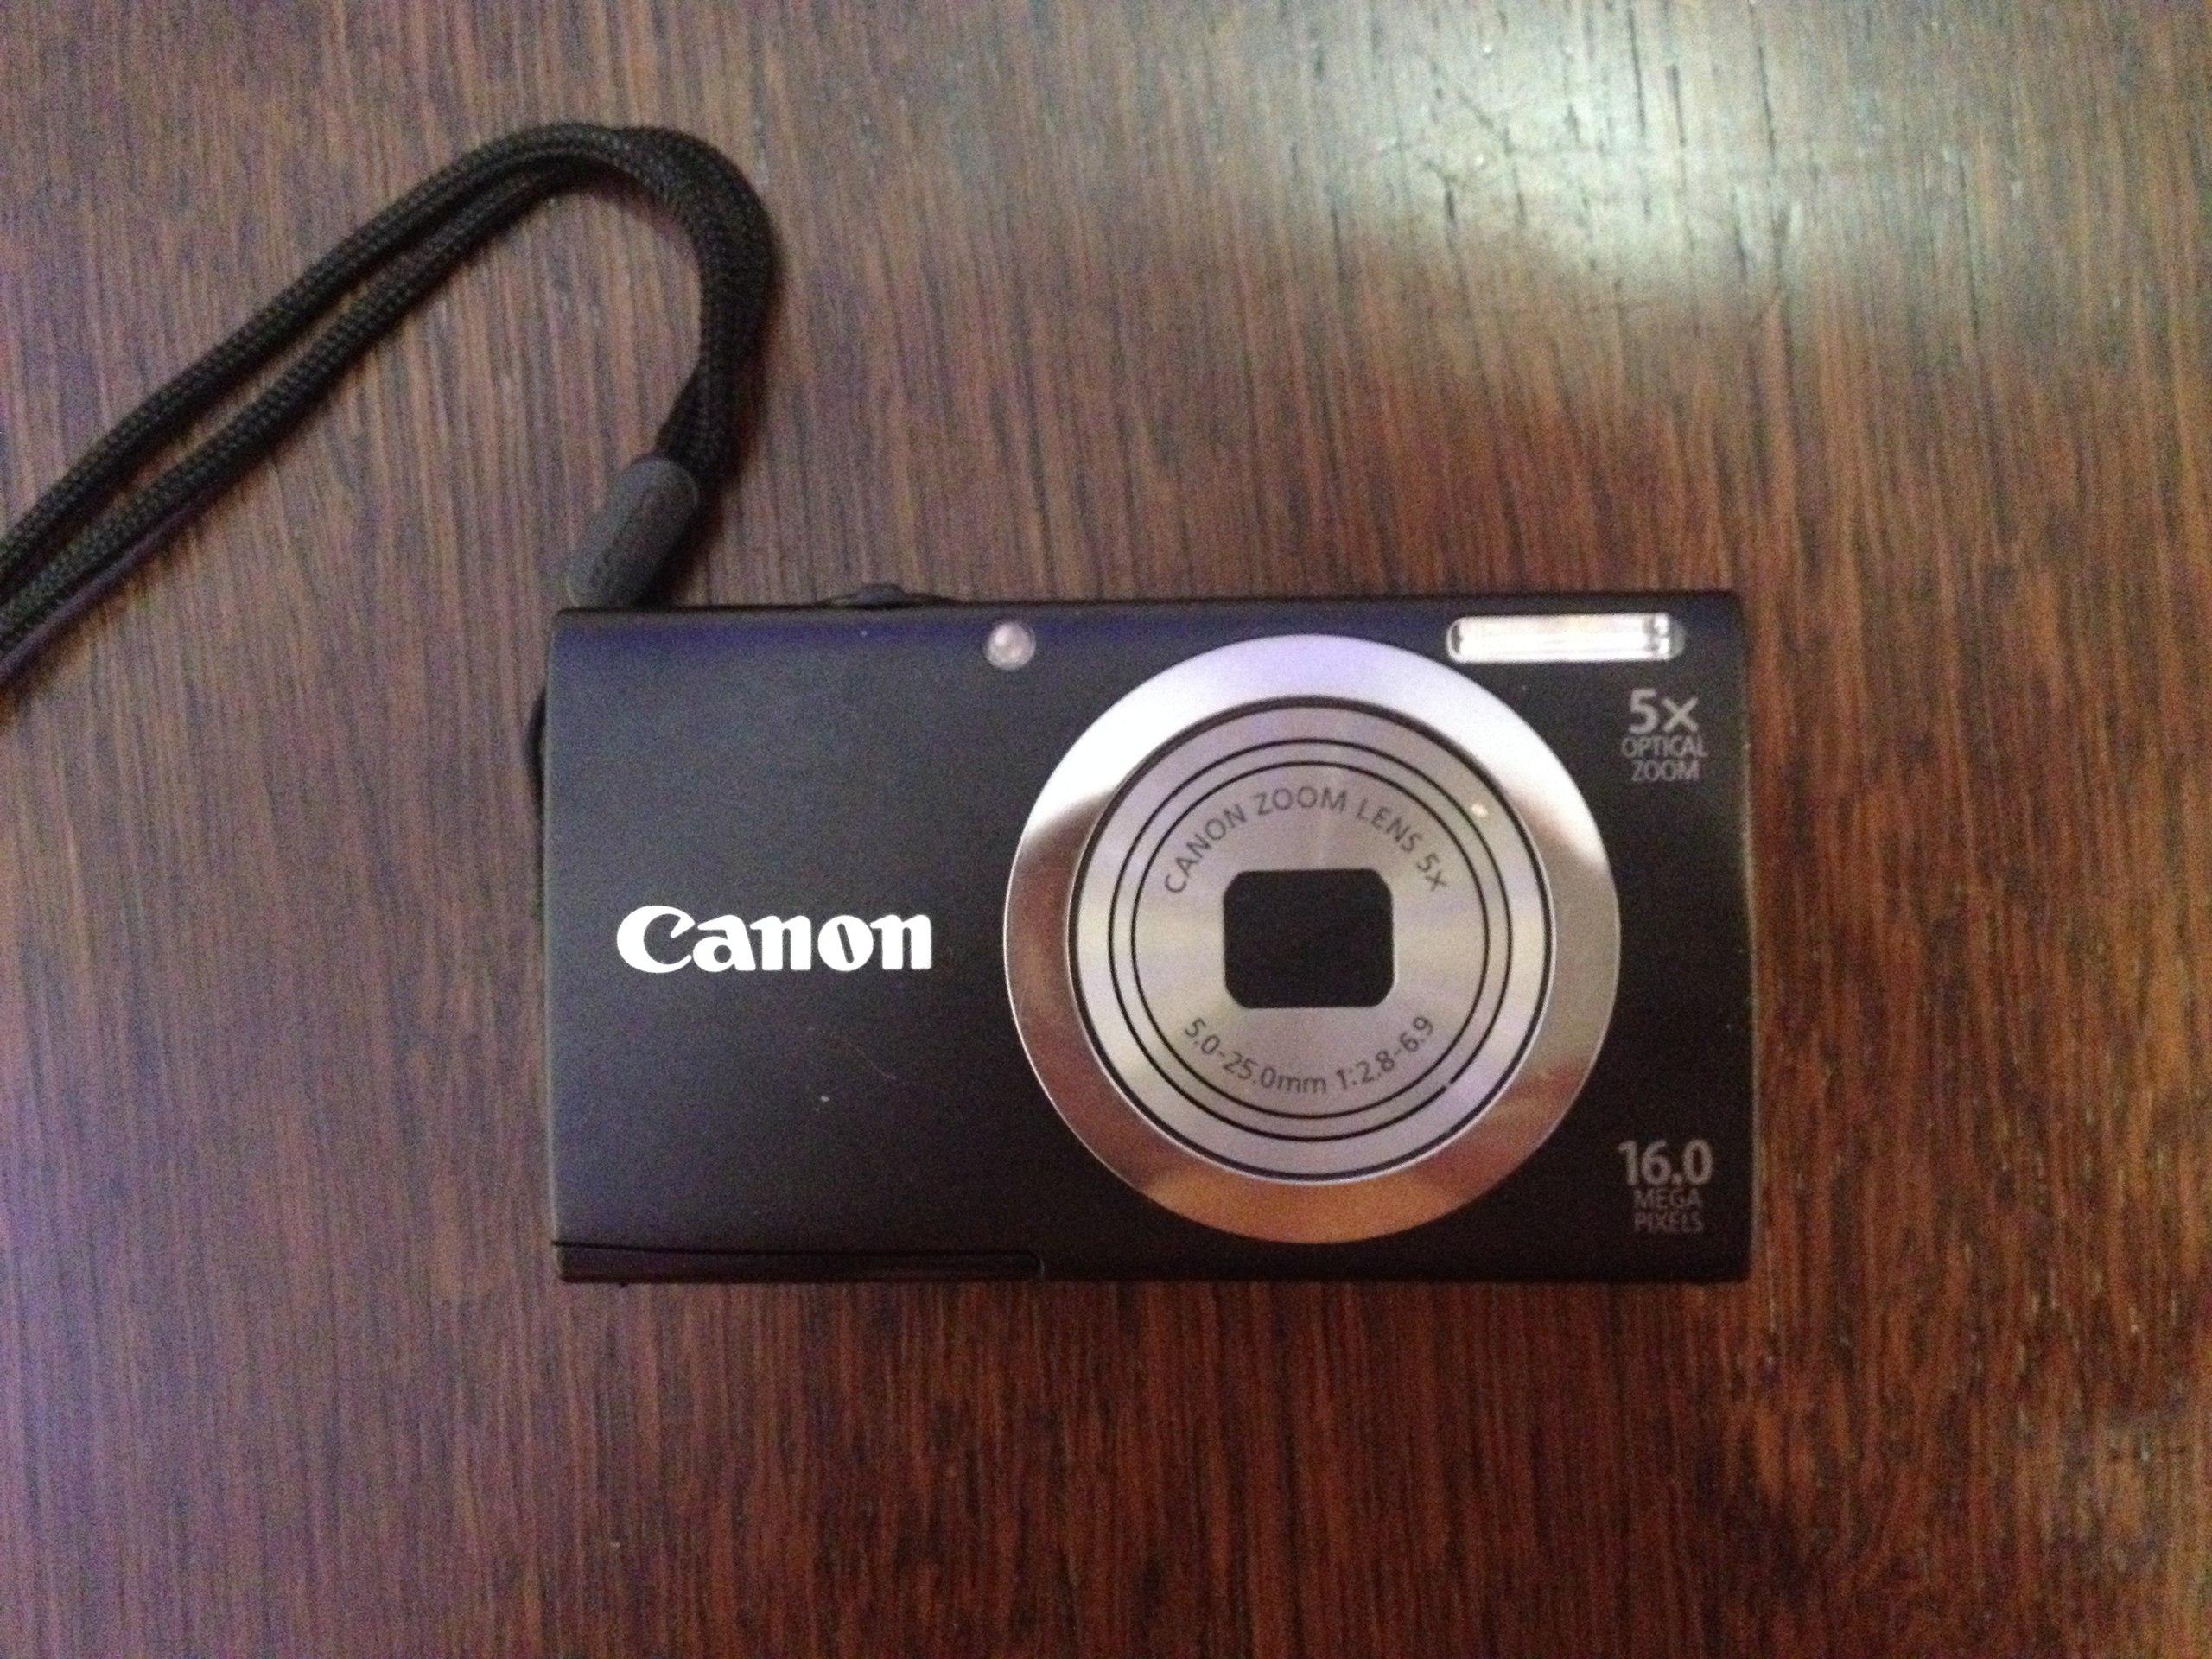 Украденные фотоаппараты фото 9 фотография